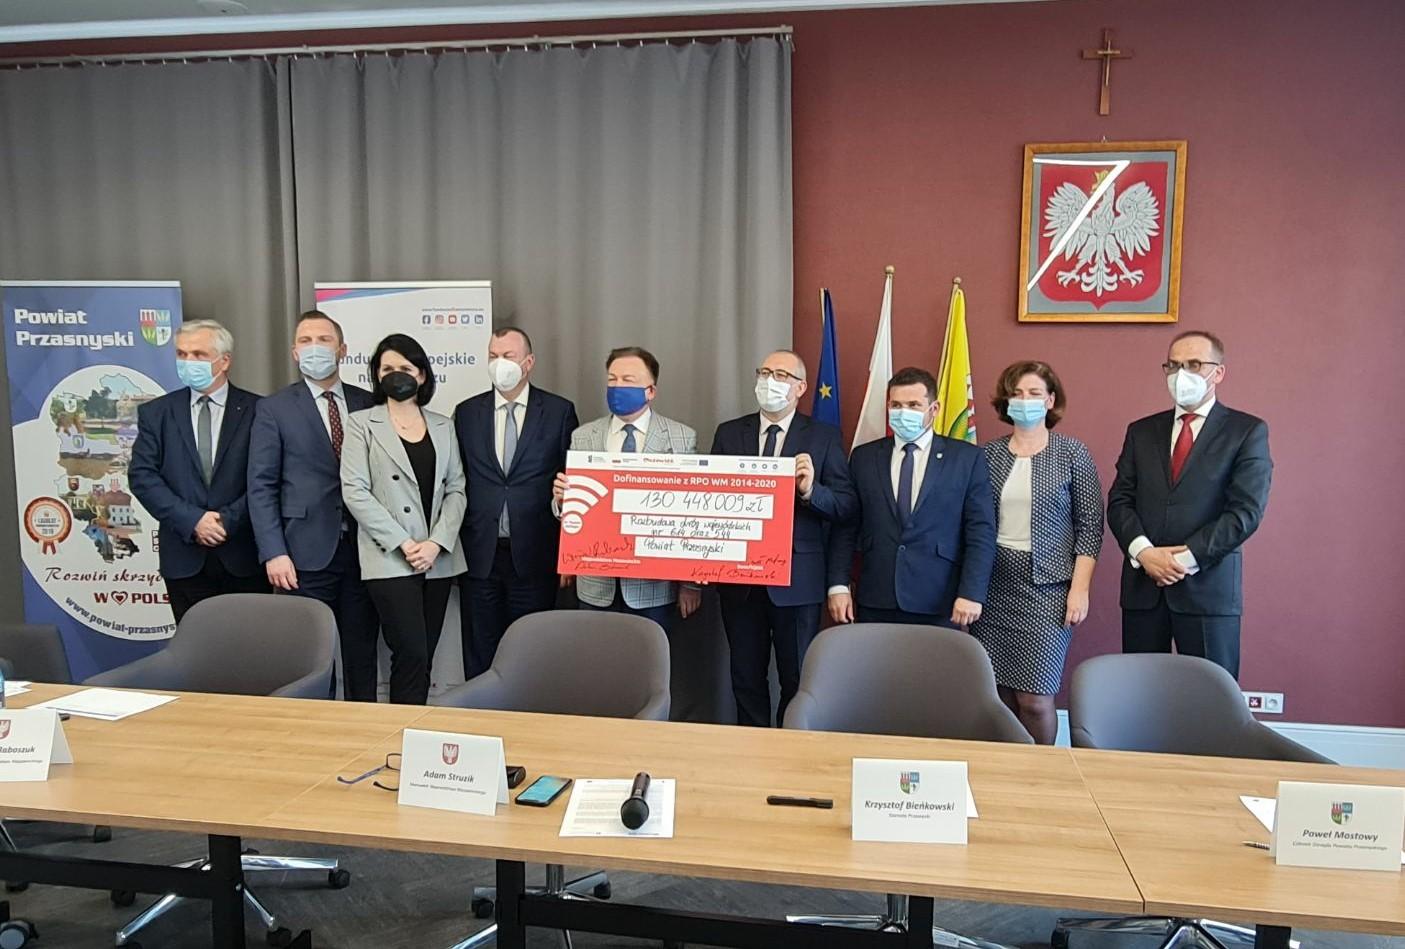 Ponad 130 mln zł dla powiatu przasnyskiego